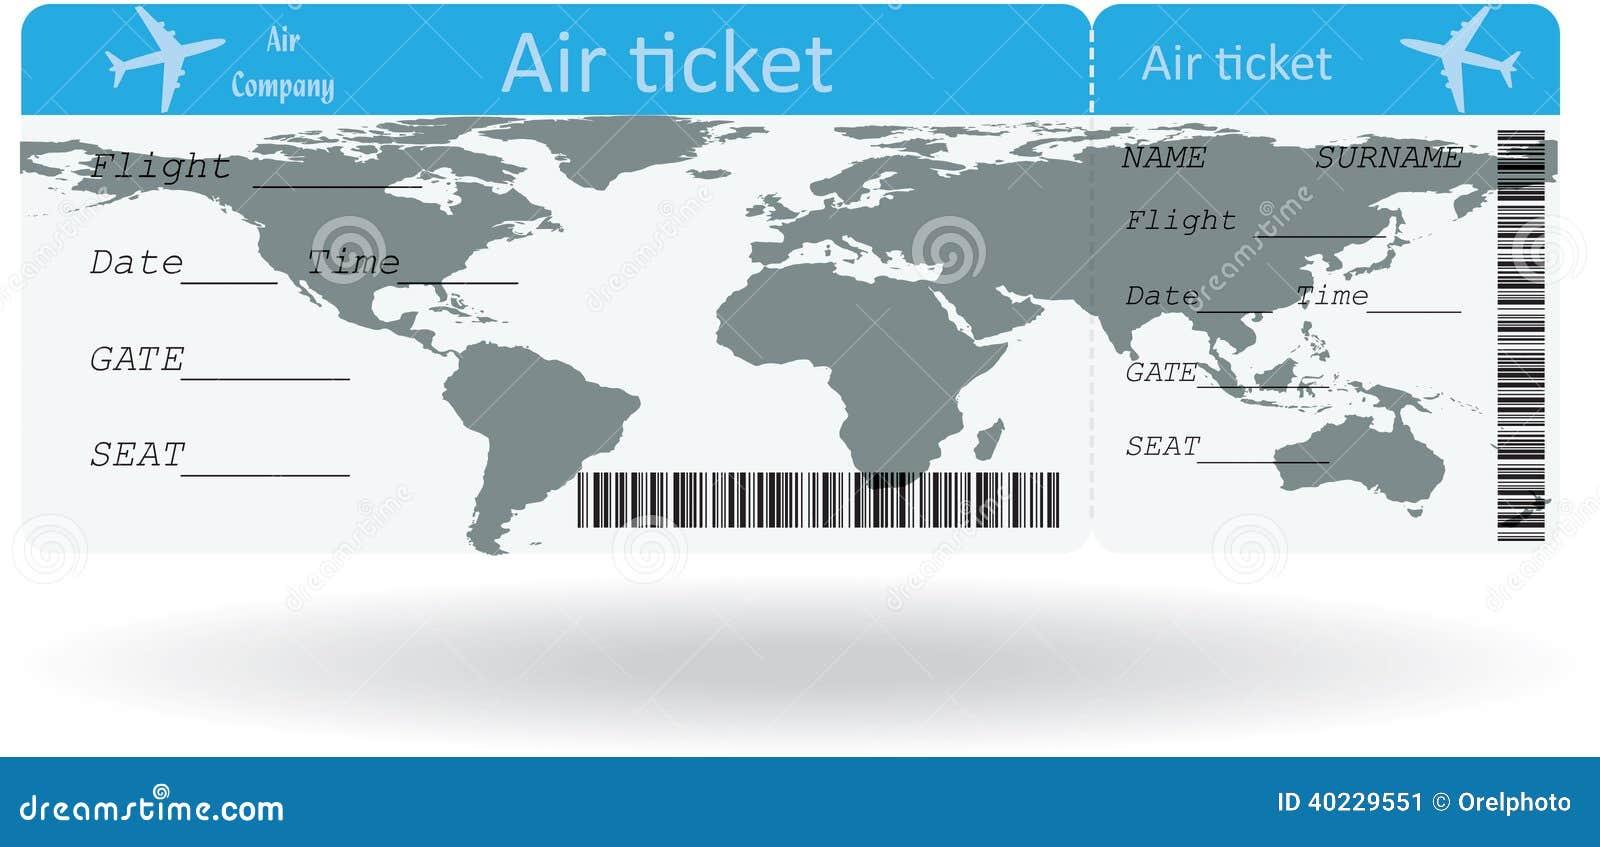 Berühmt Flugticket Einladungsvorlage Fotos - Entry Level Resume ...